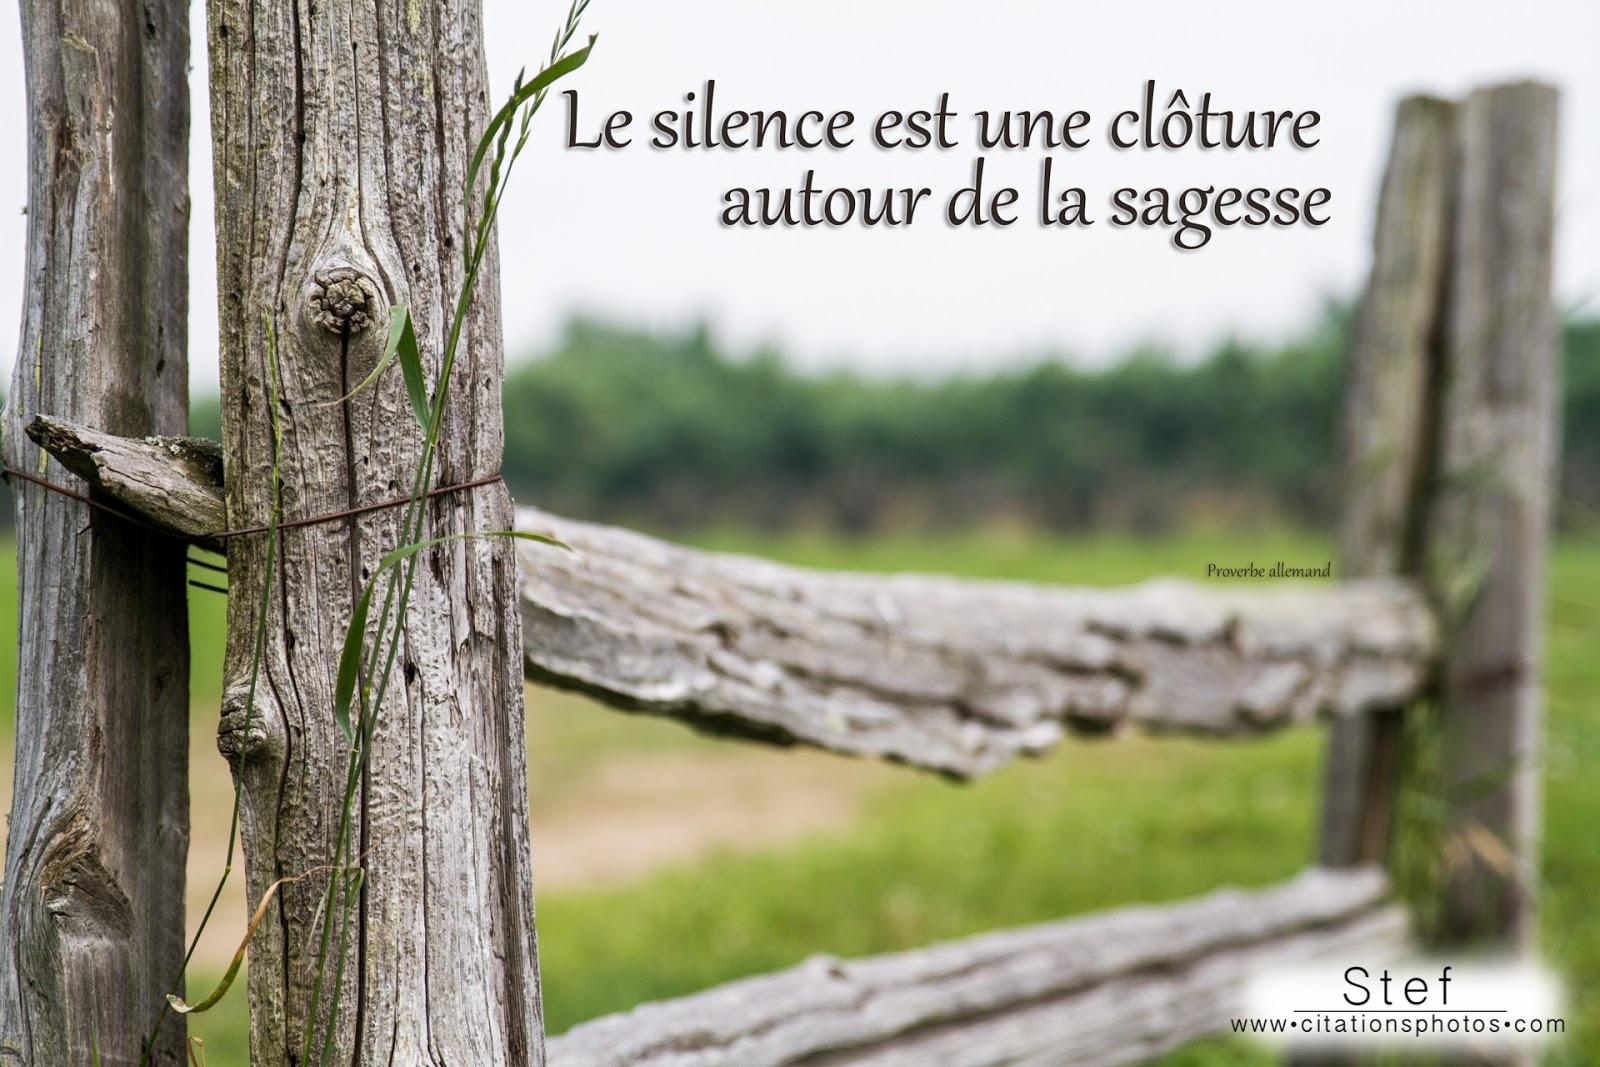 """"""" Prénom à Féter et Ephémérides du Jour """" - Page 9 _silence+une+cloture+autour+sagesse"""